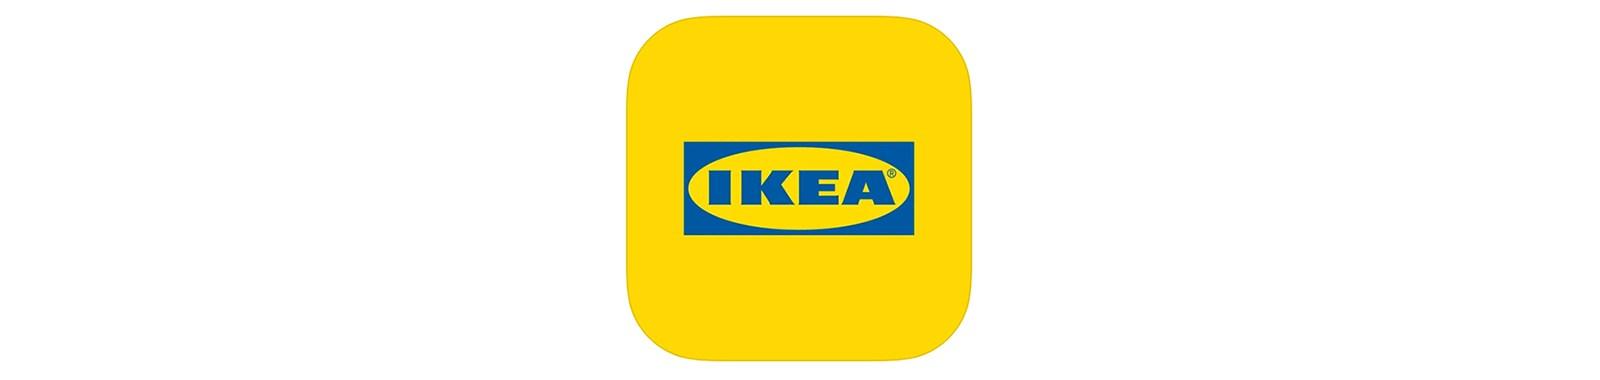 ikea-app-eye